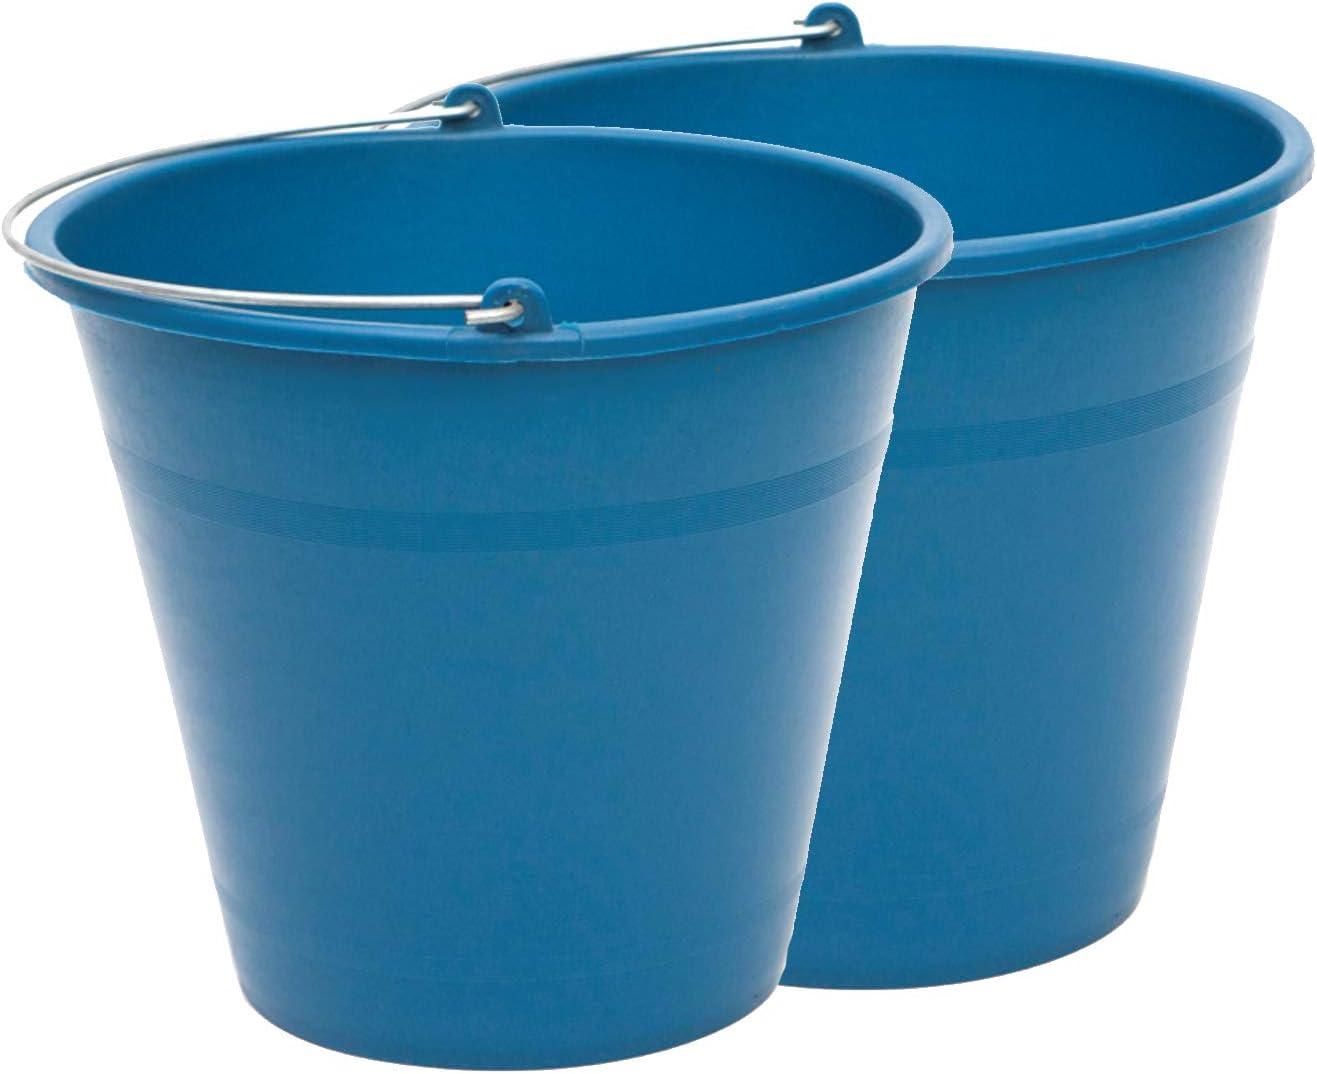 PACK de 2 cubos engomados de plástico reciclado (Azul) (8 litros)